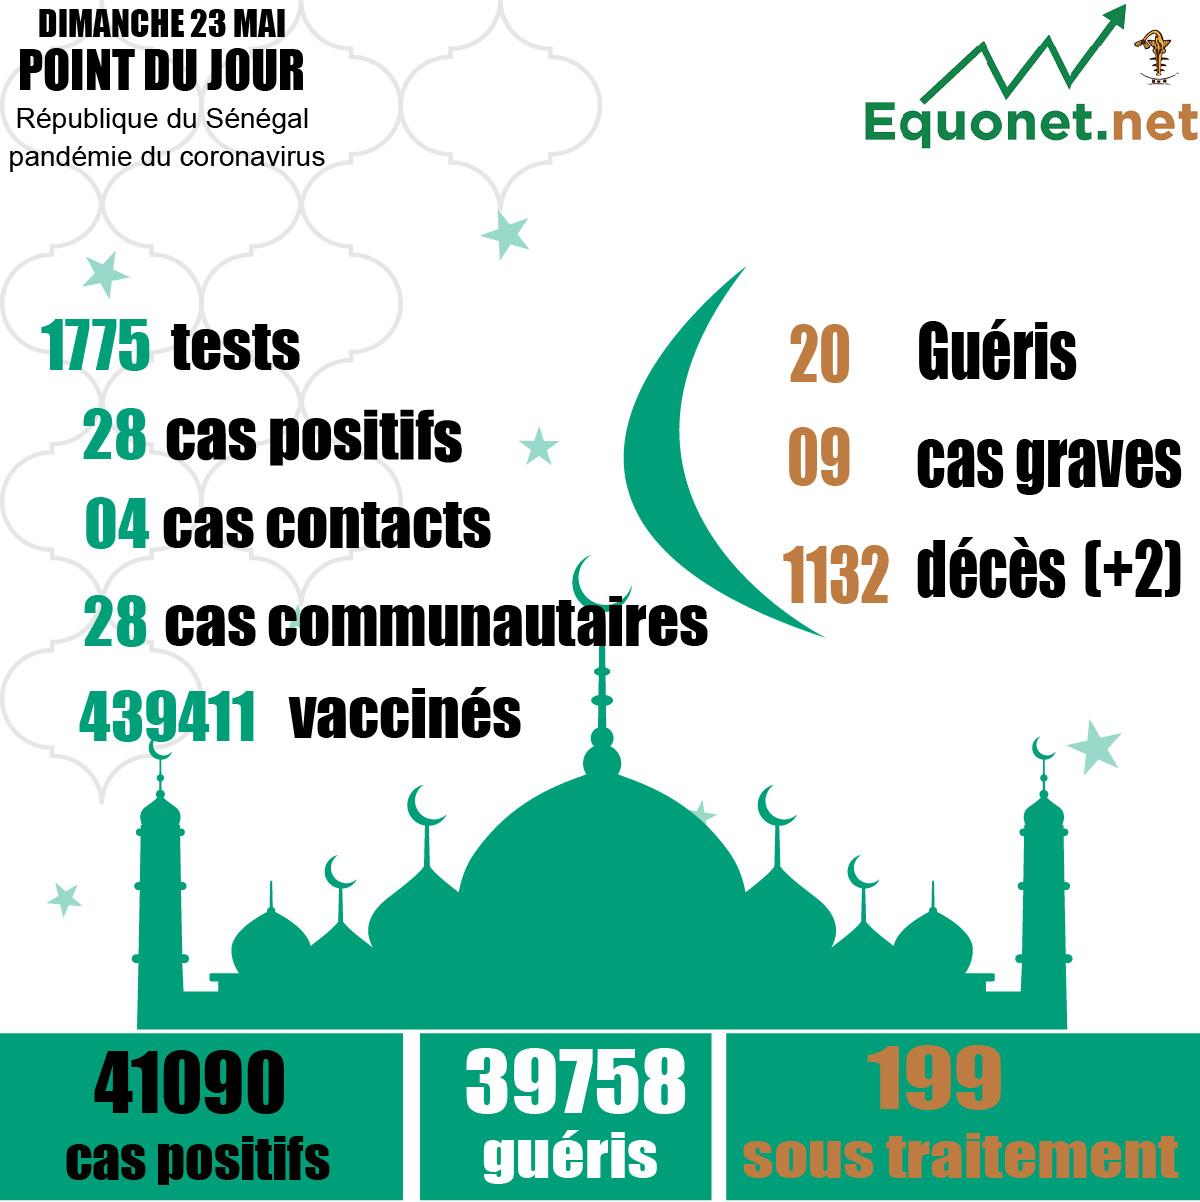 pandémie du coronavirus-covid-19 au sénégal : 28 cas communautaires et 02 décès enregistrés ce dimanche 23 mai 2021